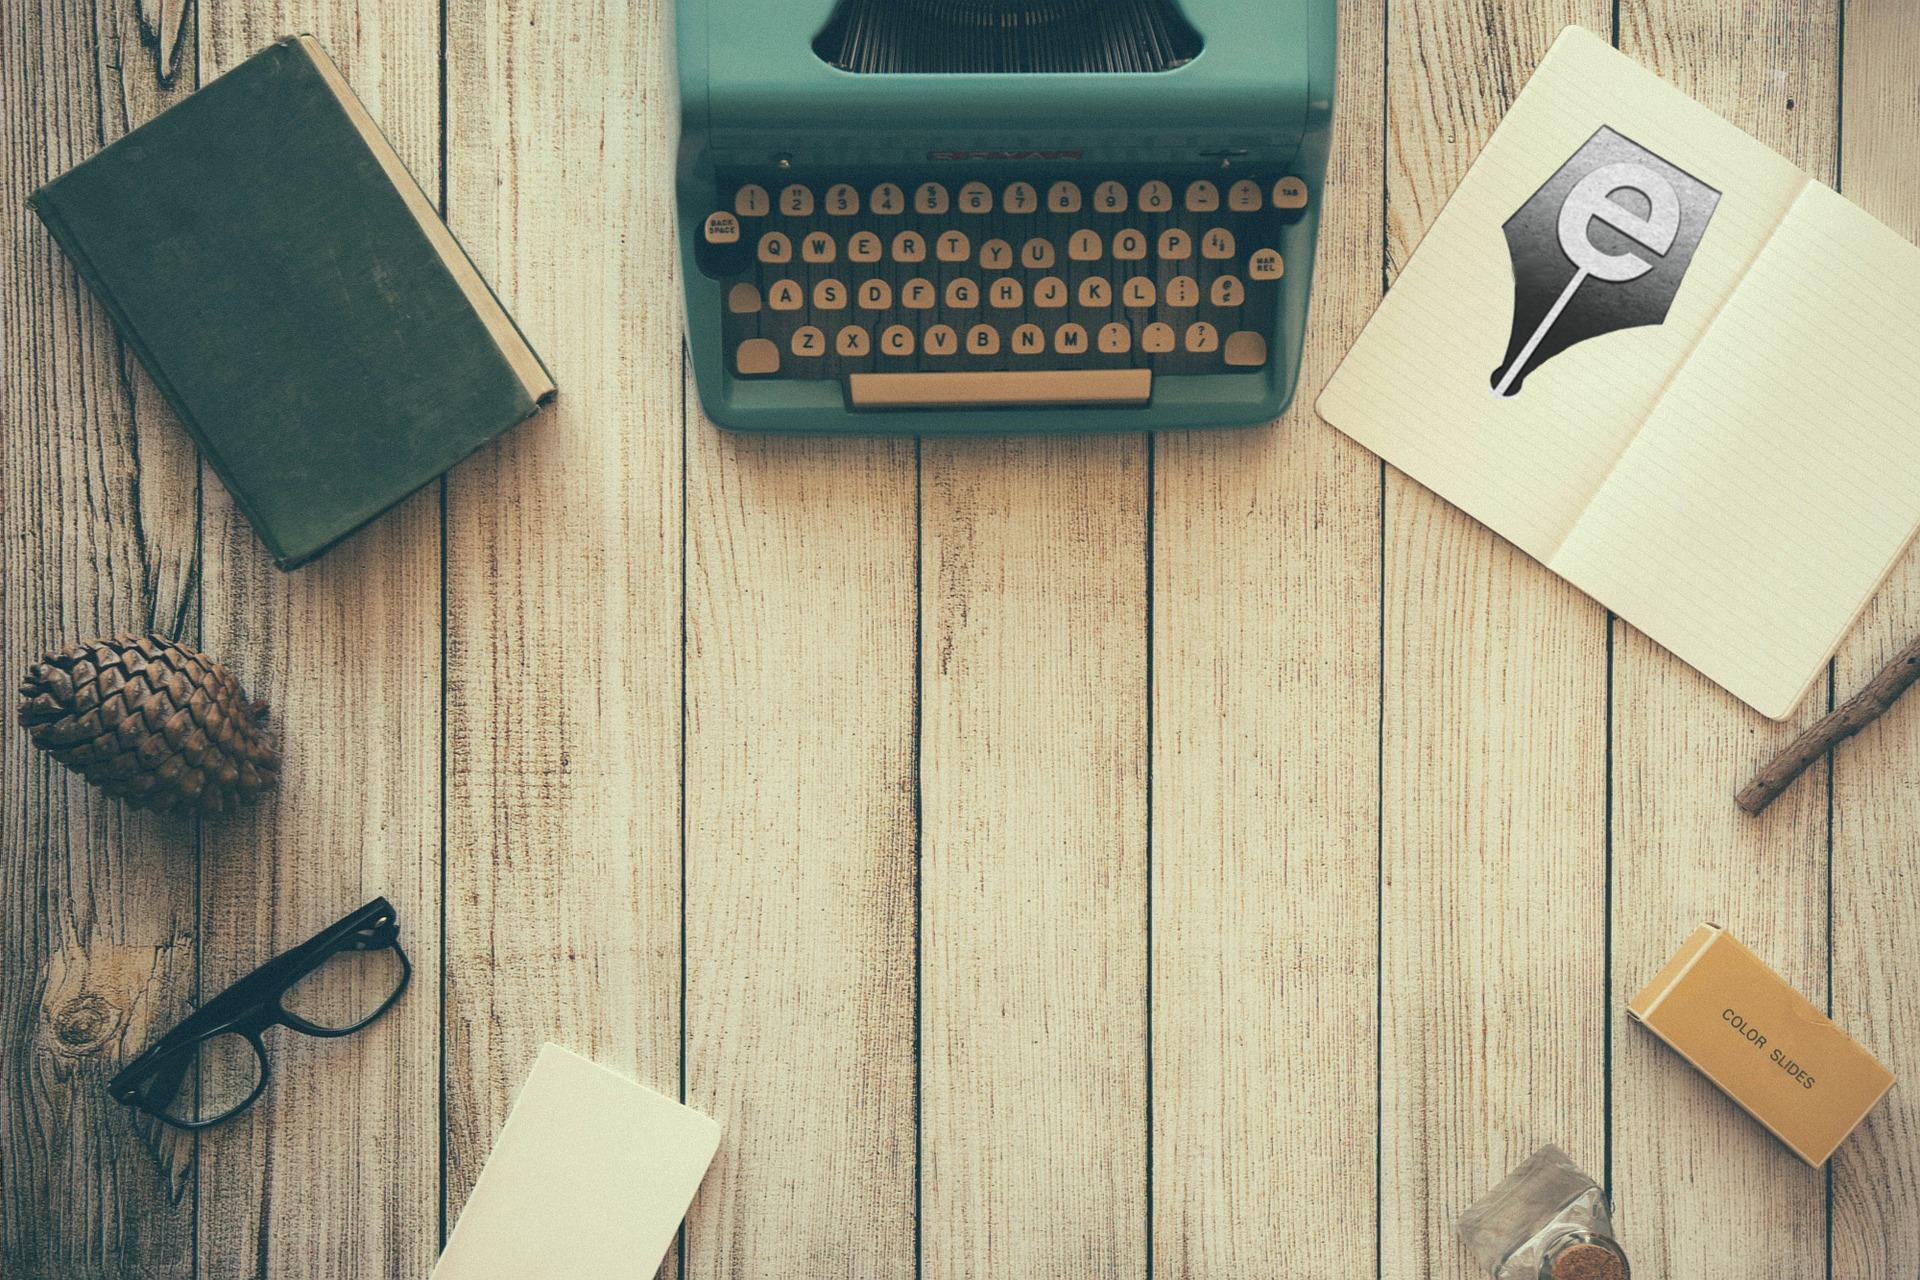 typewriter-801921_1920(13).jpg